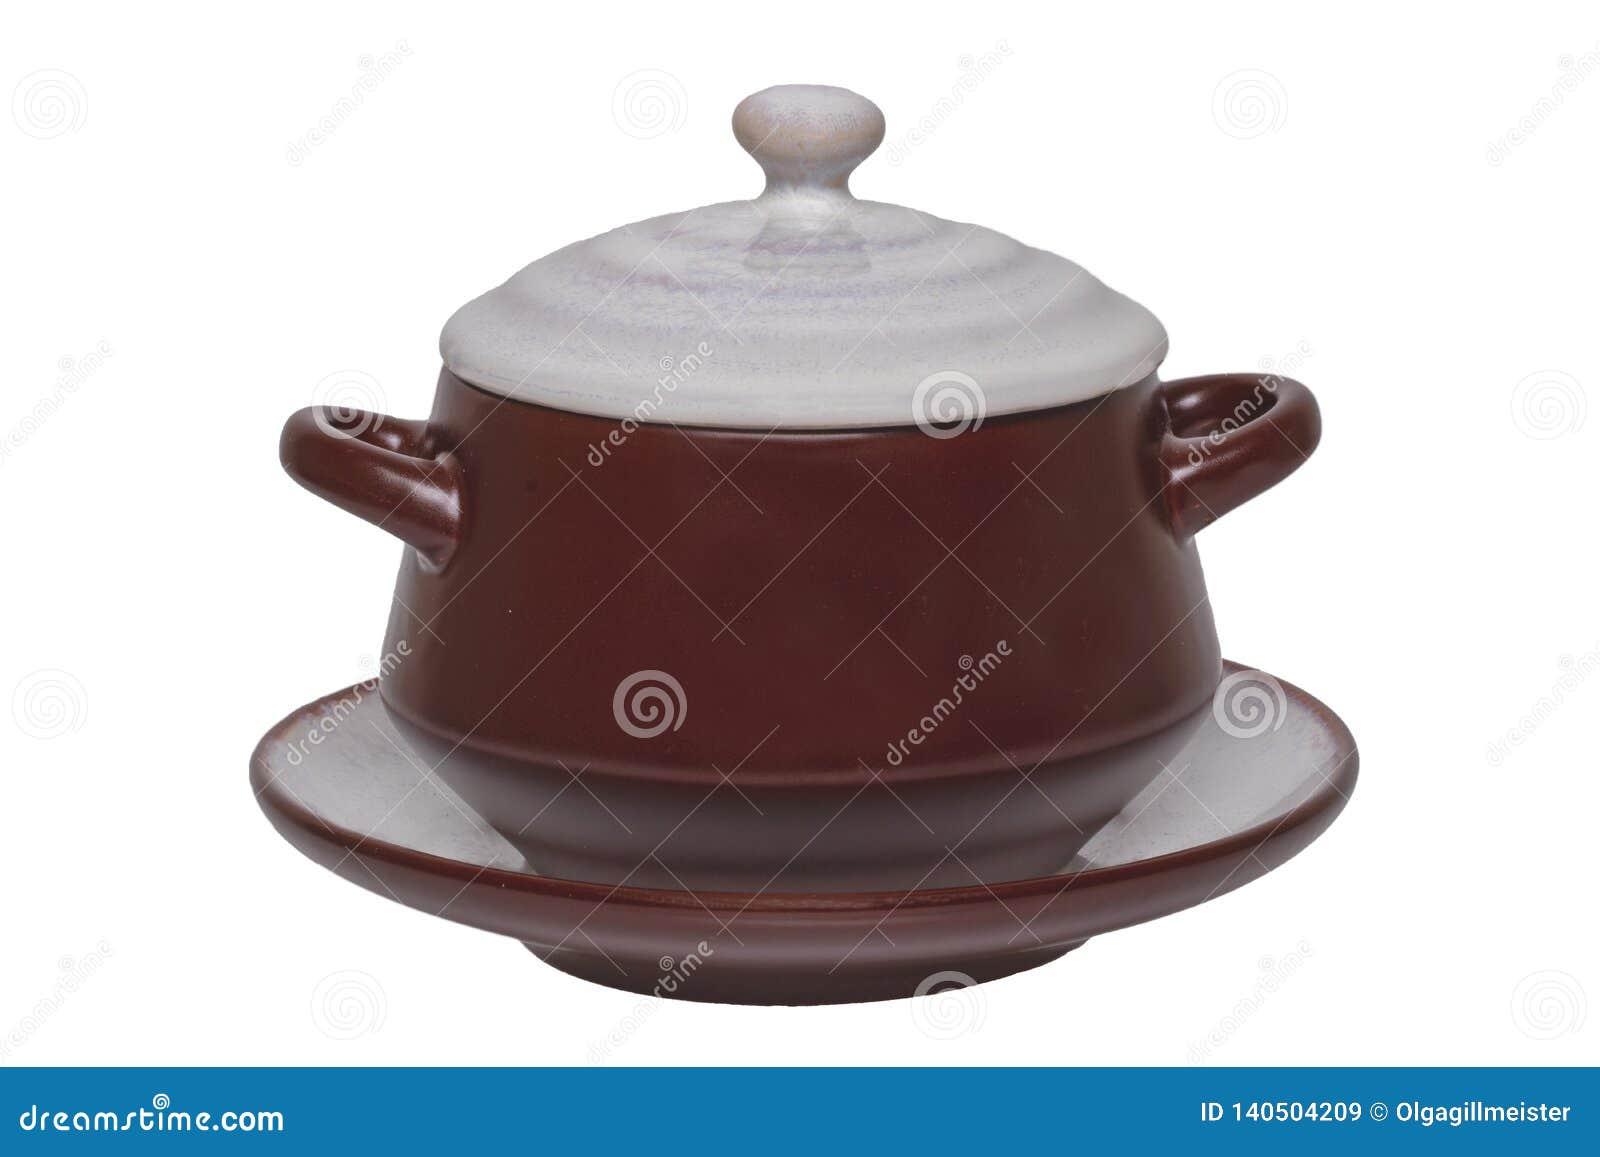 Copo vazio da sopa isolado Close-up de um copo cerâmico marrom vazio da sopa em uma placa com a tampa isolada em um fundo branco